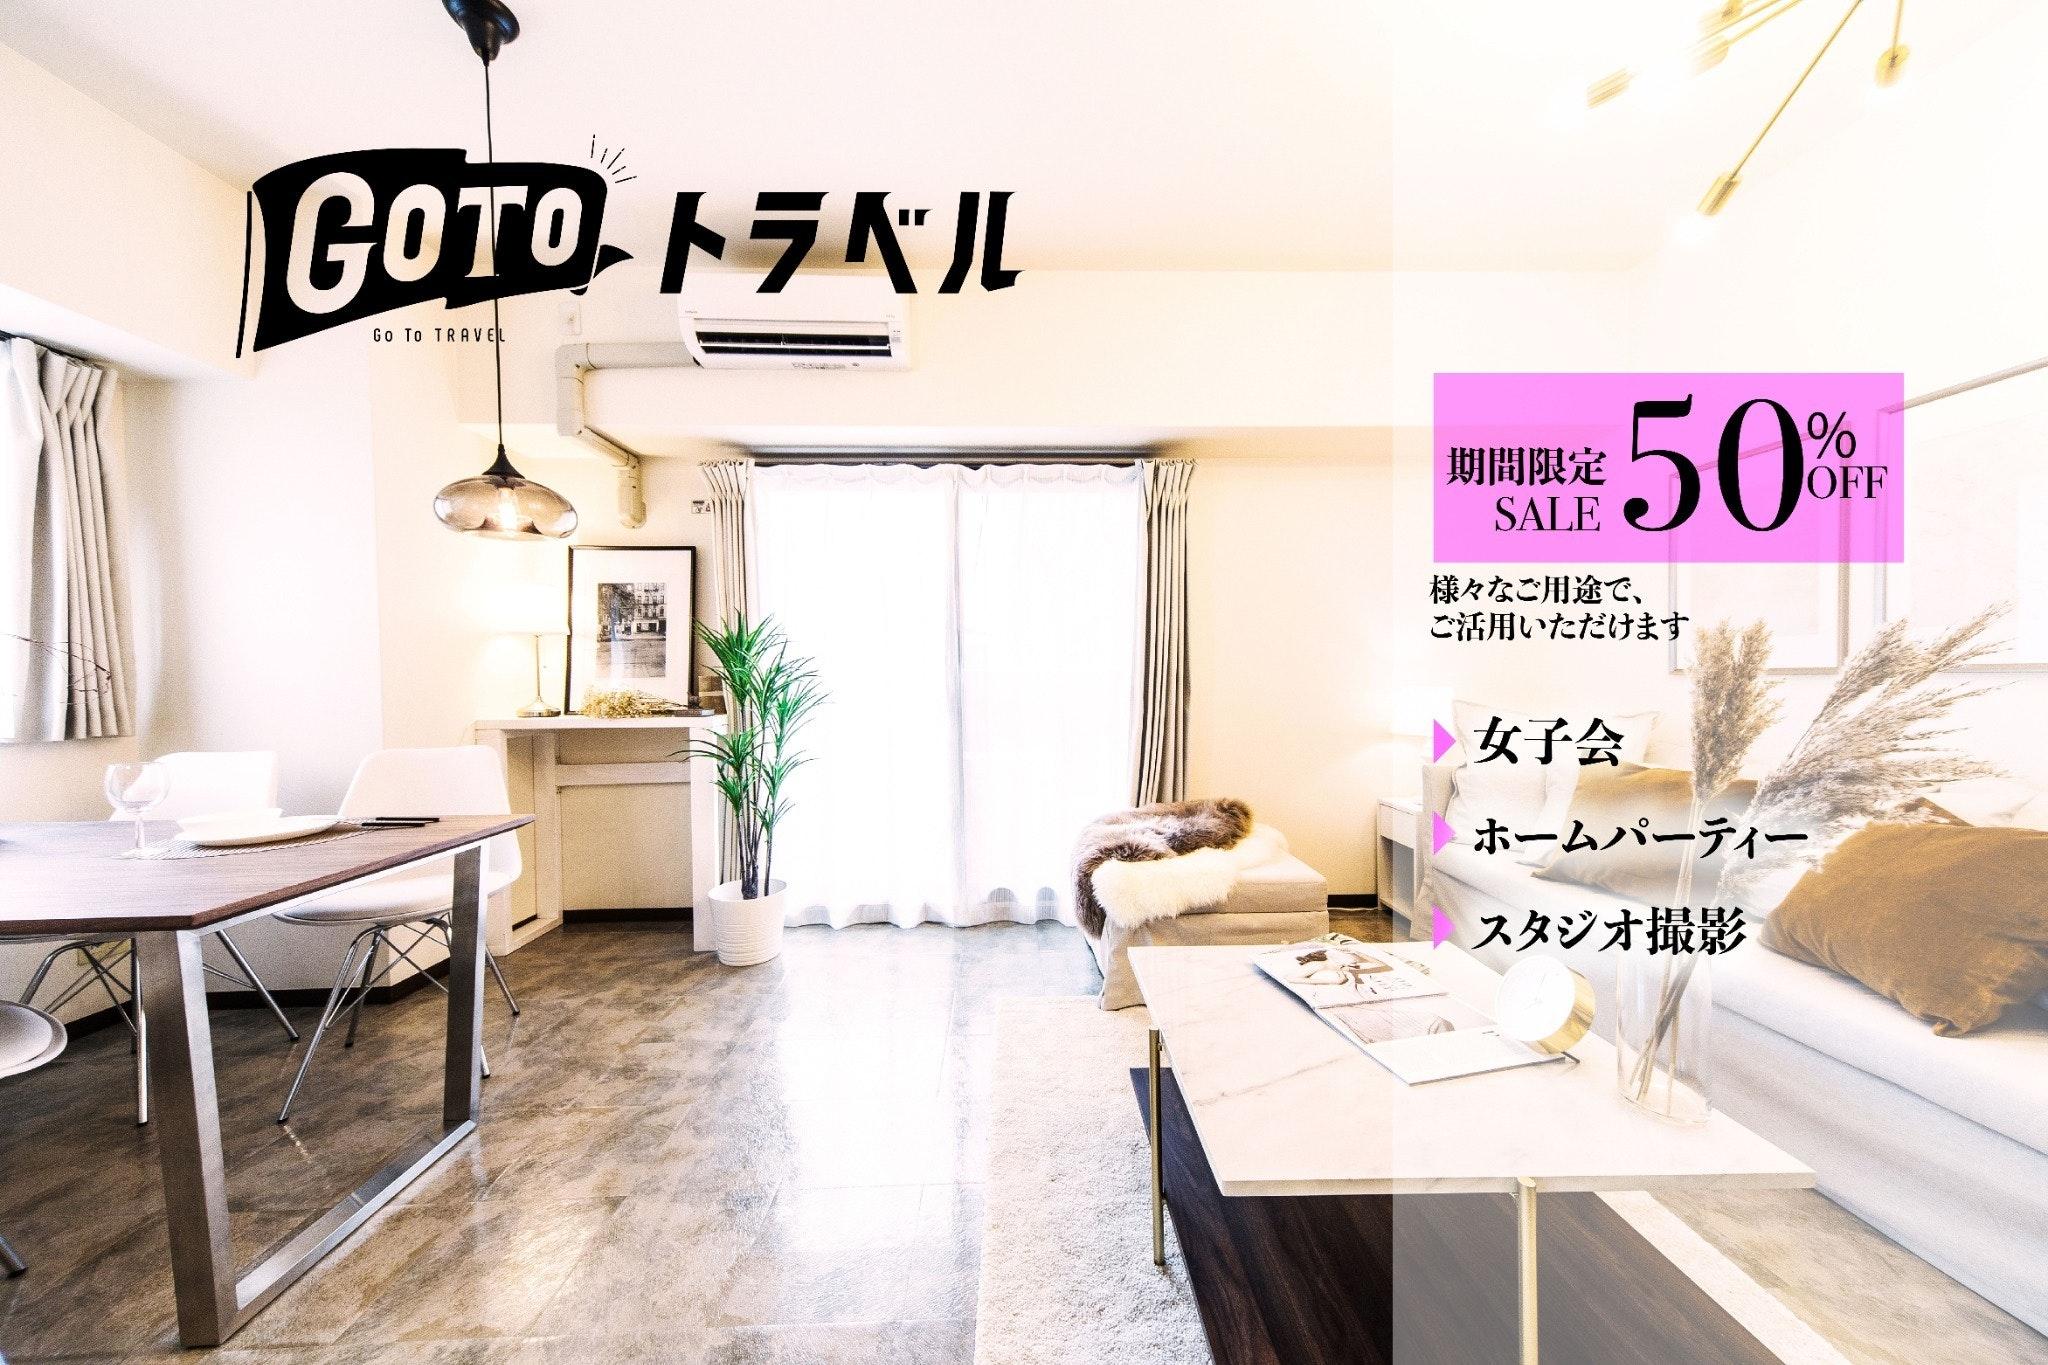 広々リビング/心斎橋/Switch/Amazonプライムビデオ/プロジェクター